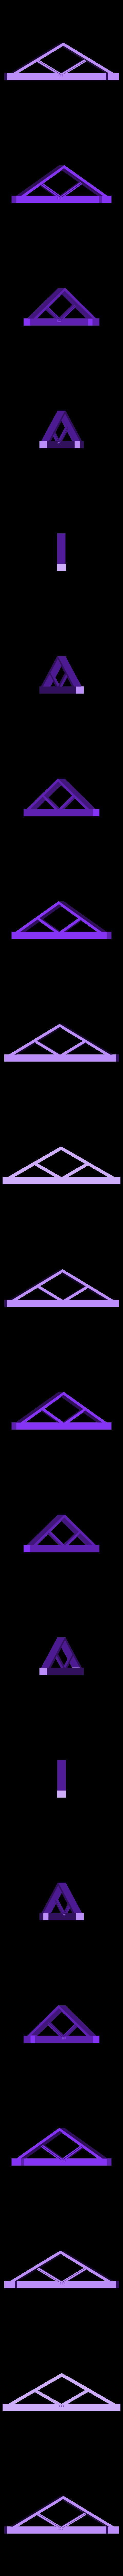 roof_truss1b.stl Télécharger fichier STL gratuit Ripper's London - The (Modular) Factory • Modèle pour imprimante 3D, Earsling